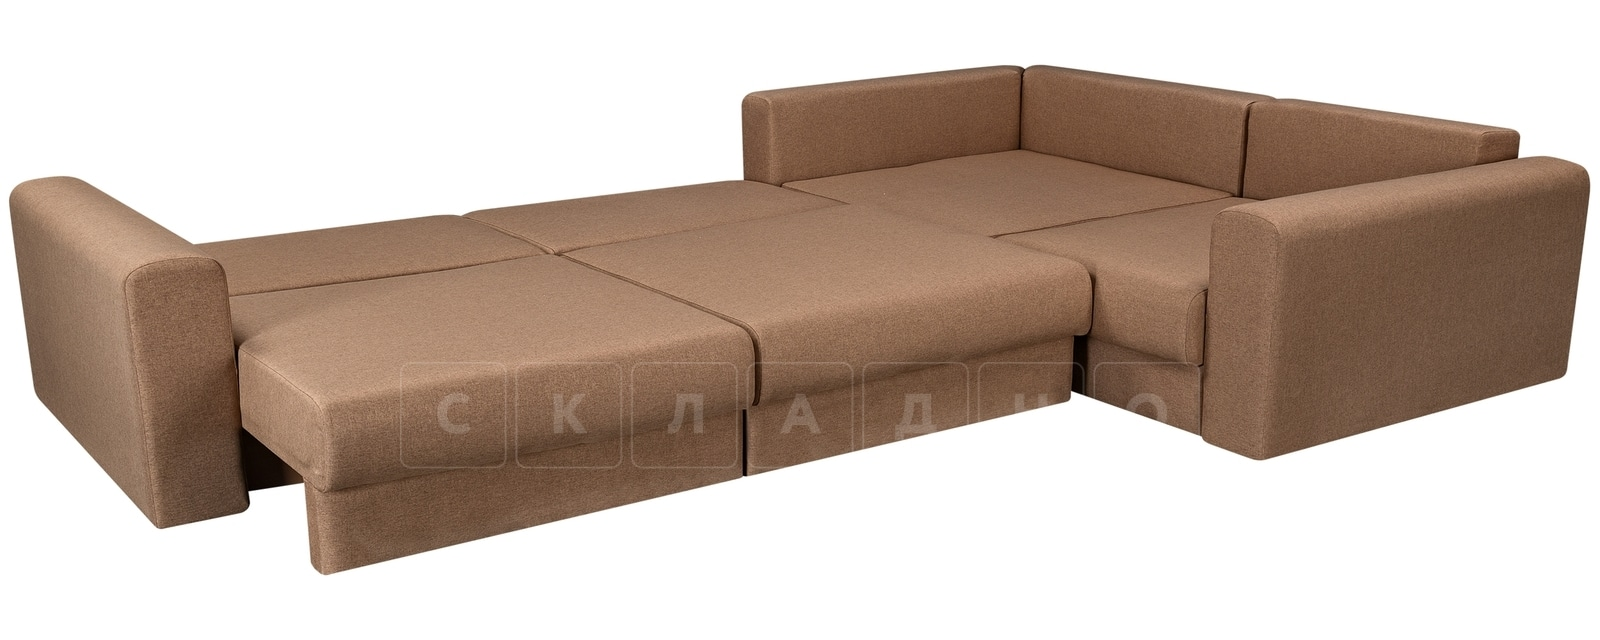 Угловой диван Медисон коричневый 345х224 см фото 4 | интернет-магазин Складно